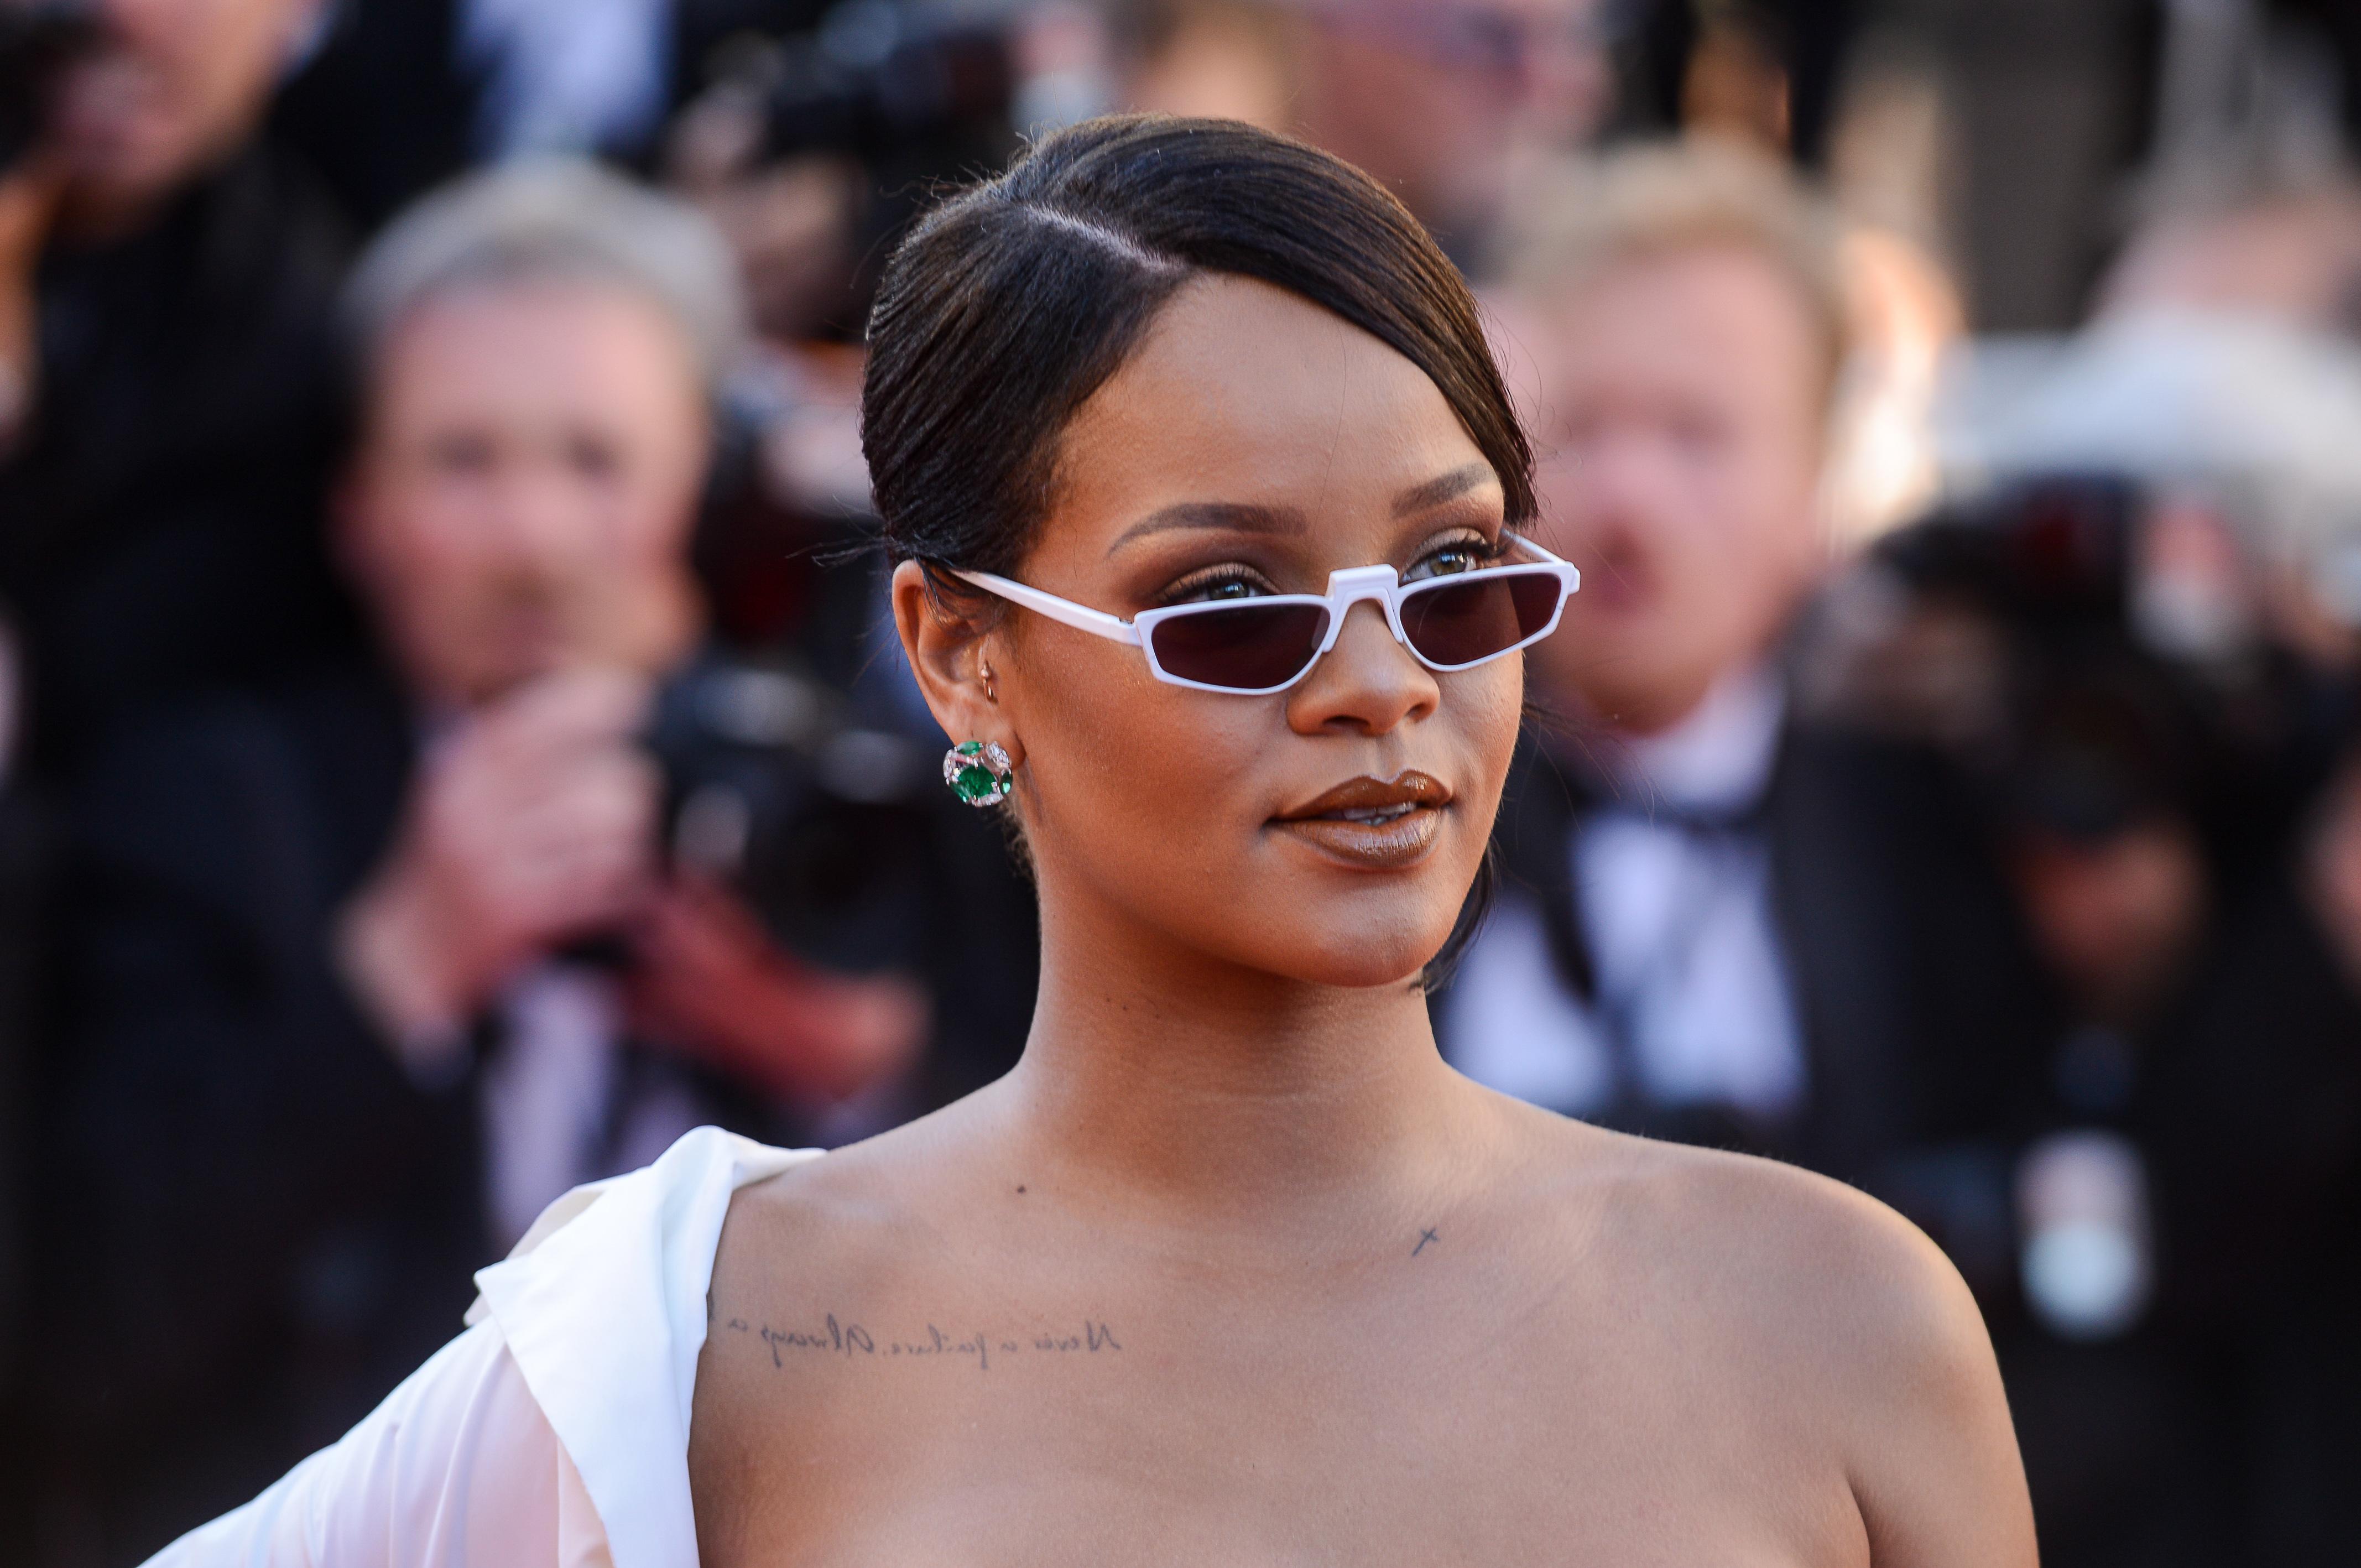 Rihanna at Okja premiere